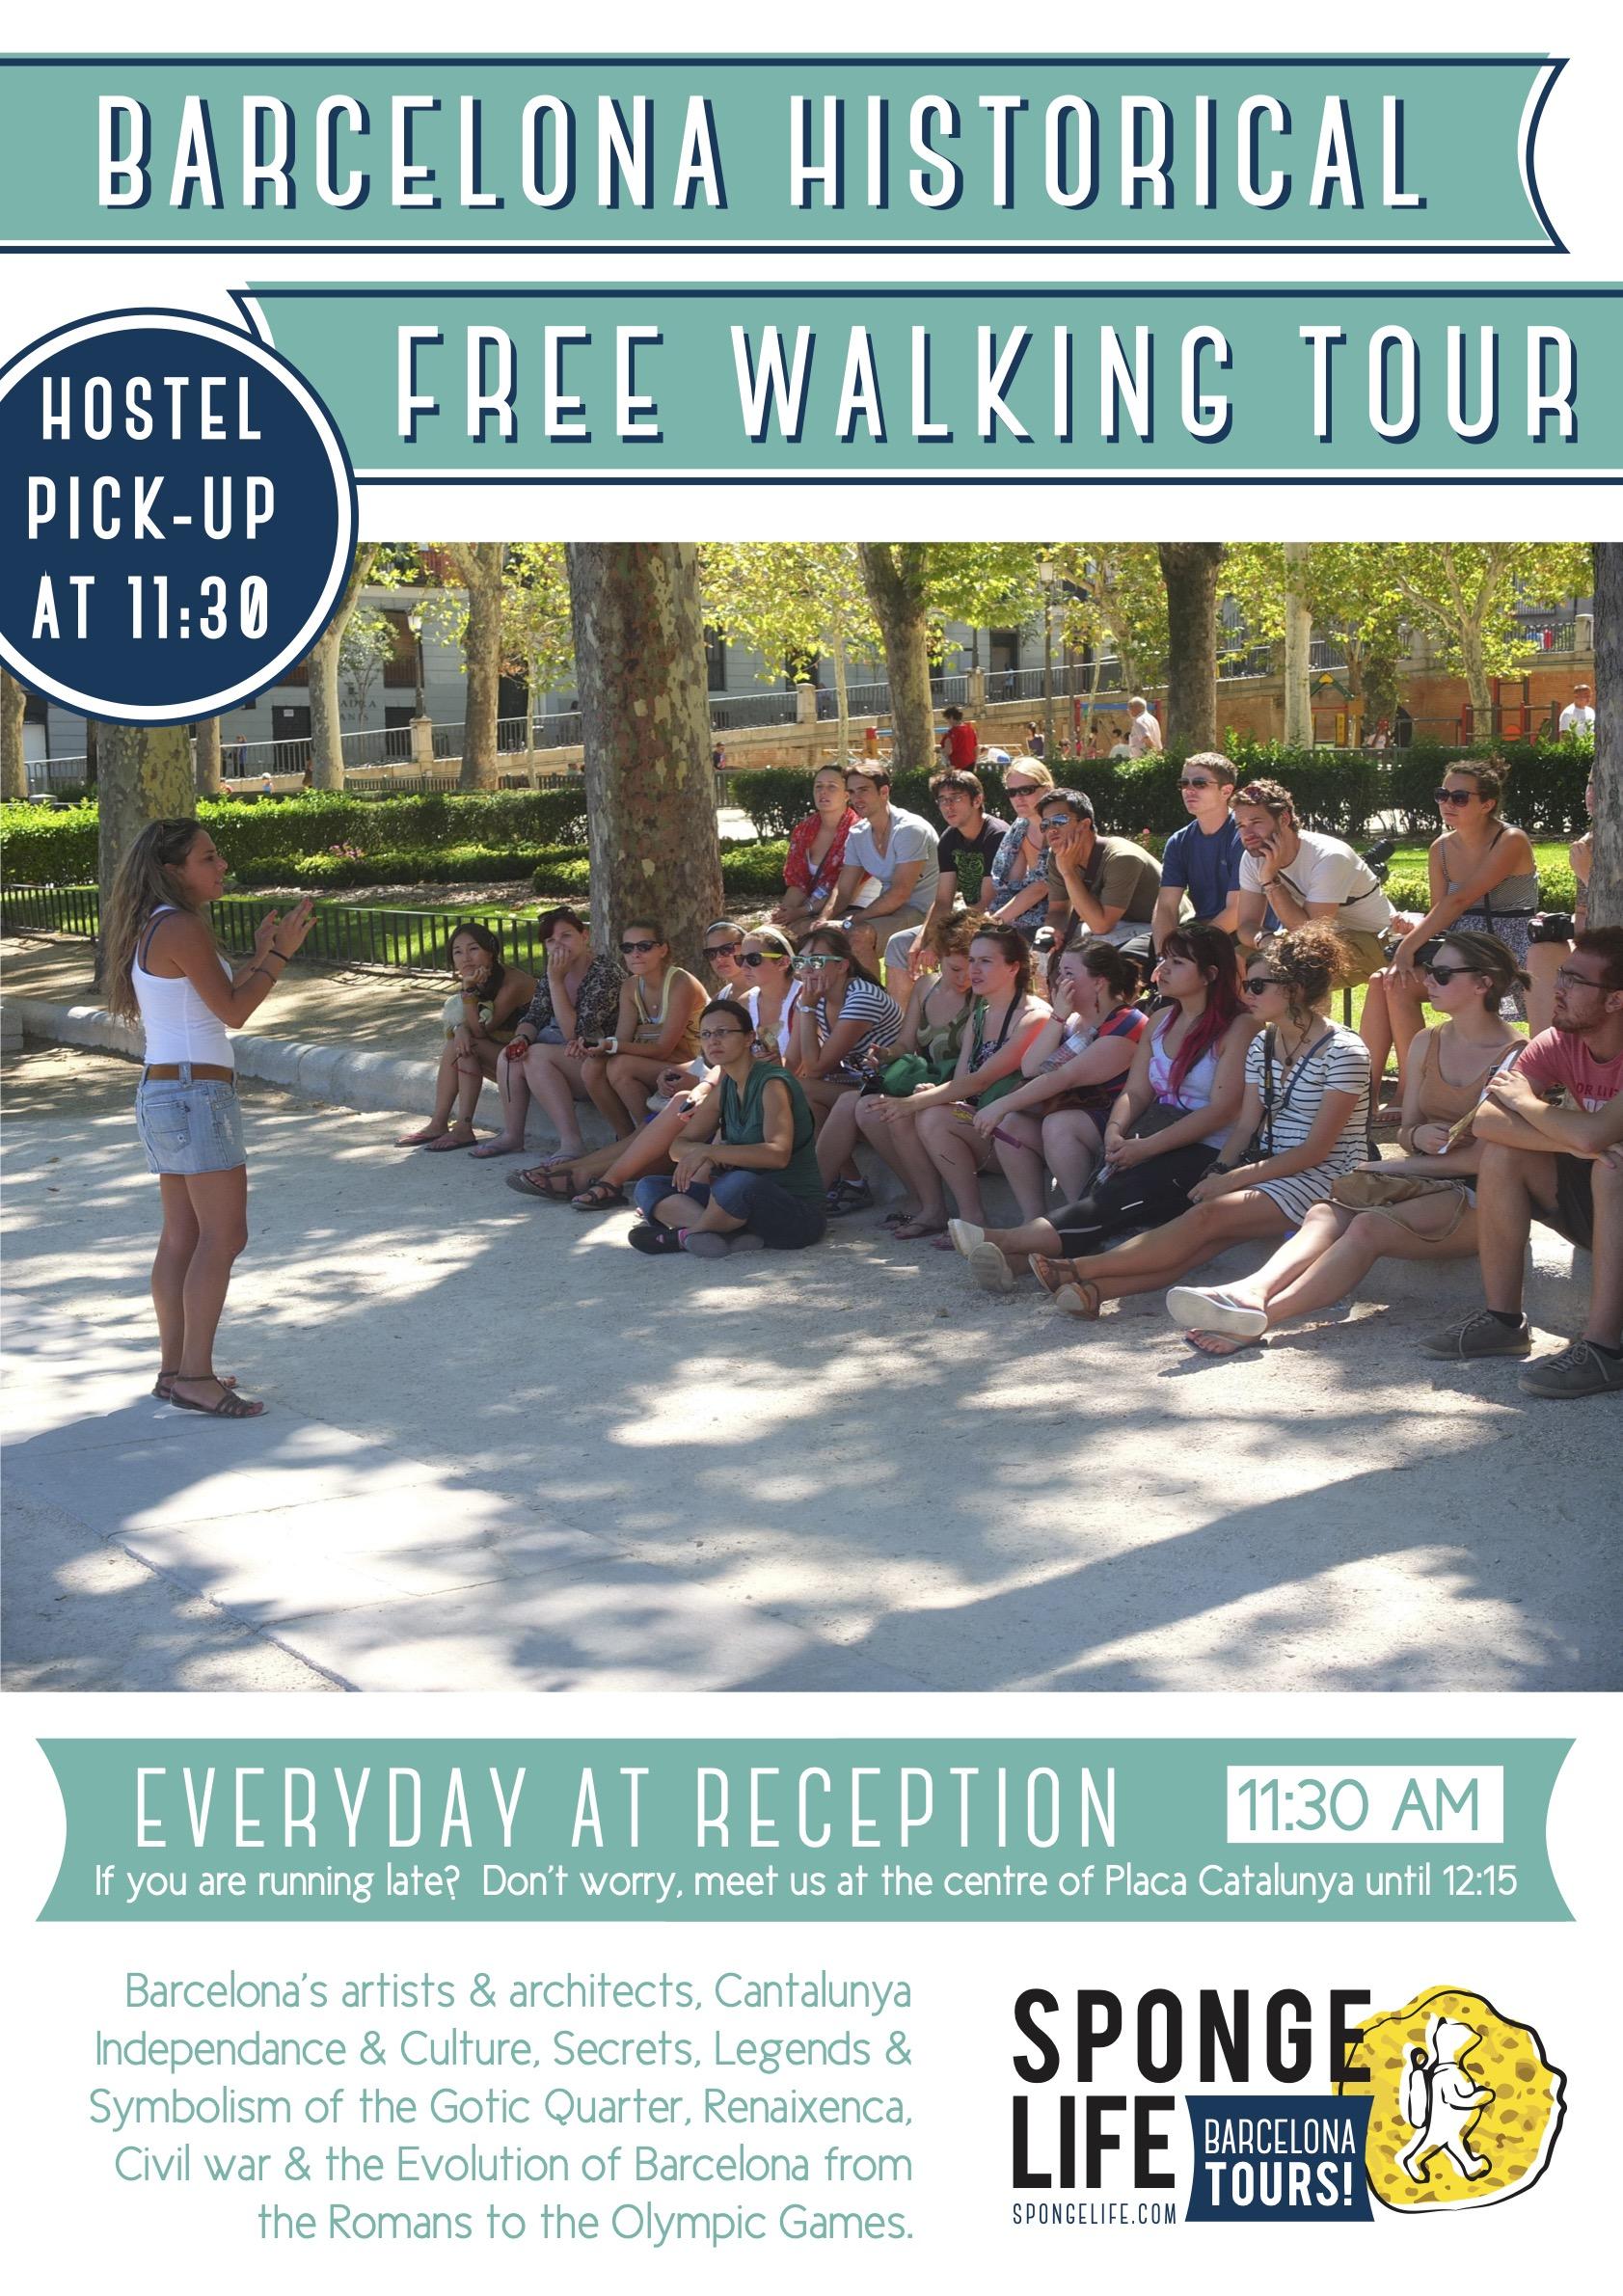 Walking Tour Poster (11.30 pick-up)